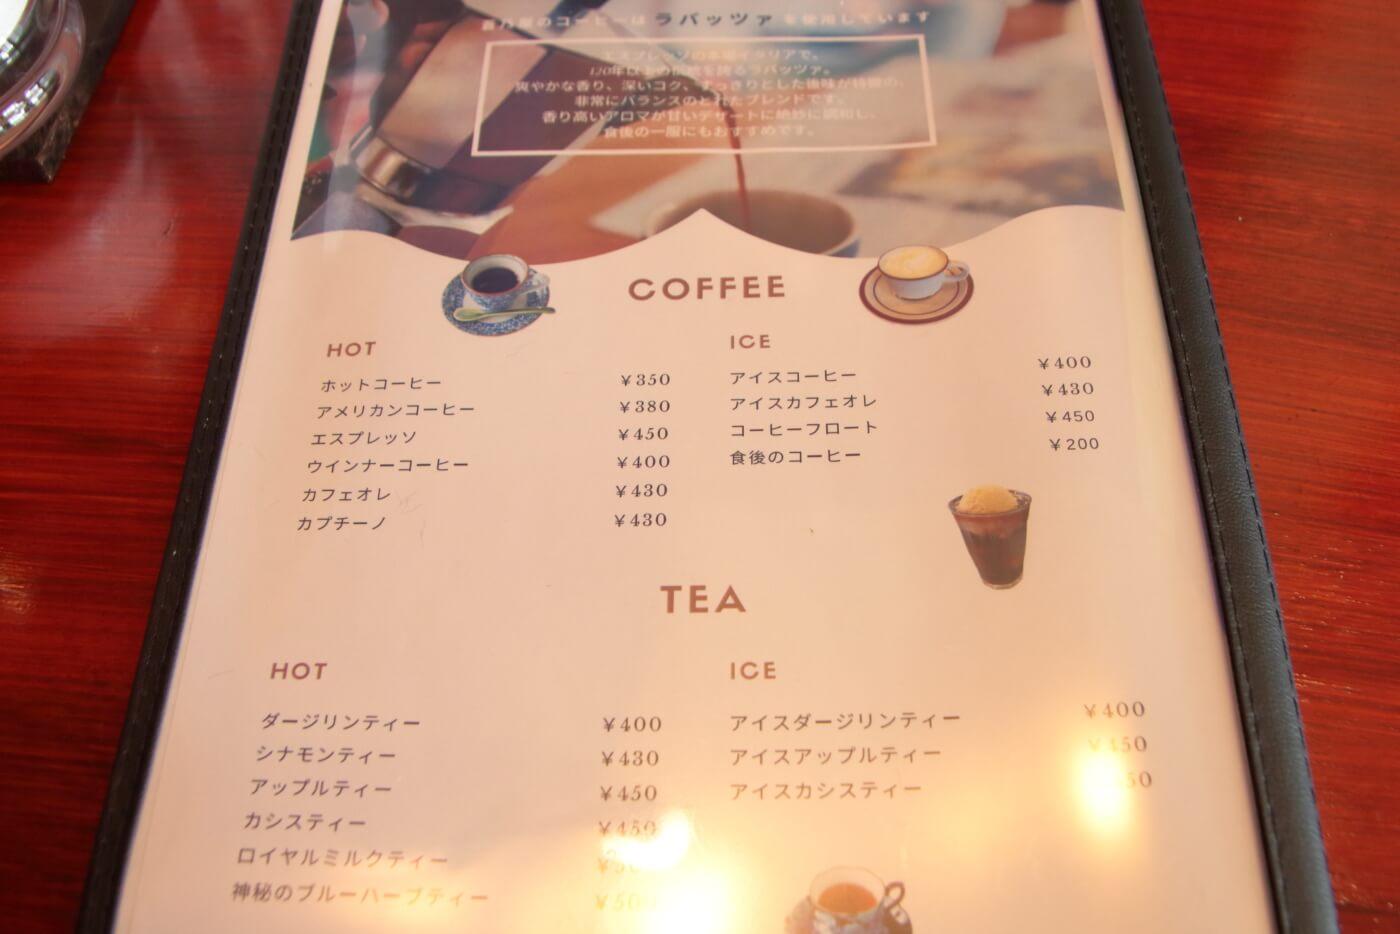 高知市のカフェ蒼乃屋のドリンクメニュー